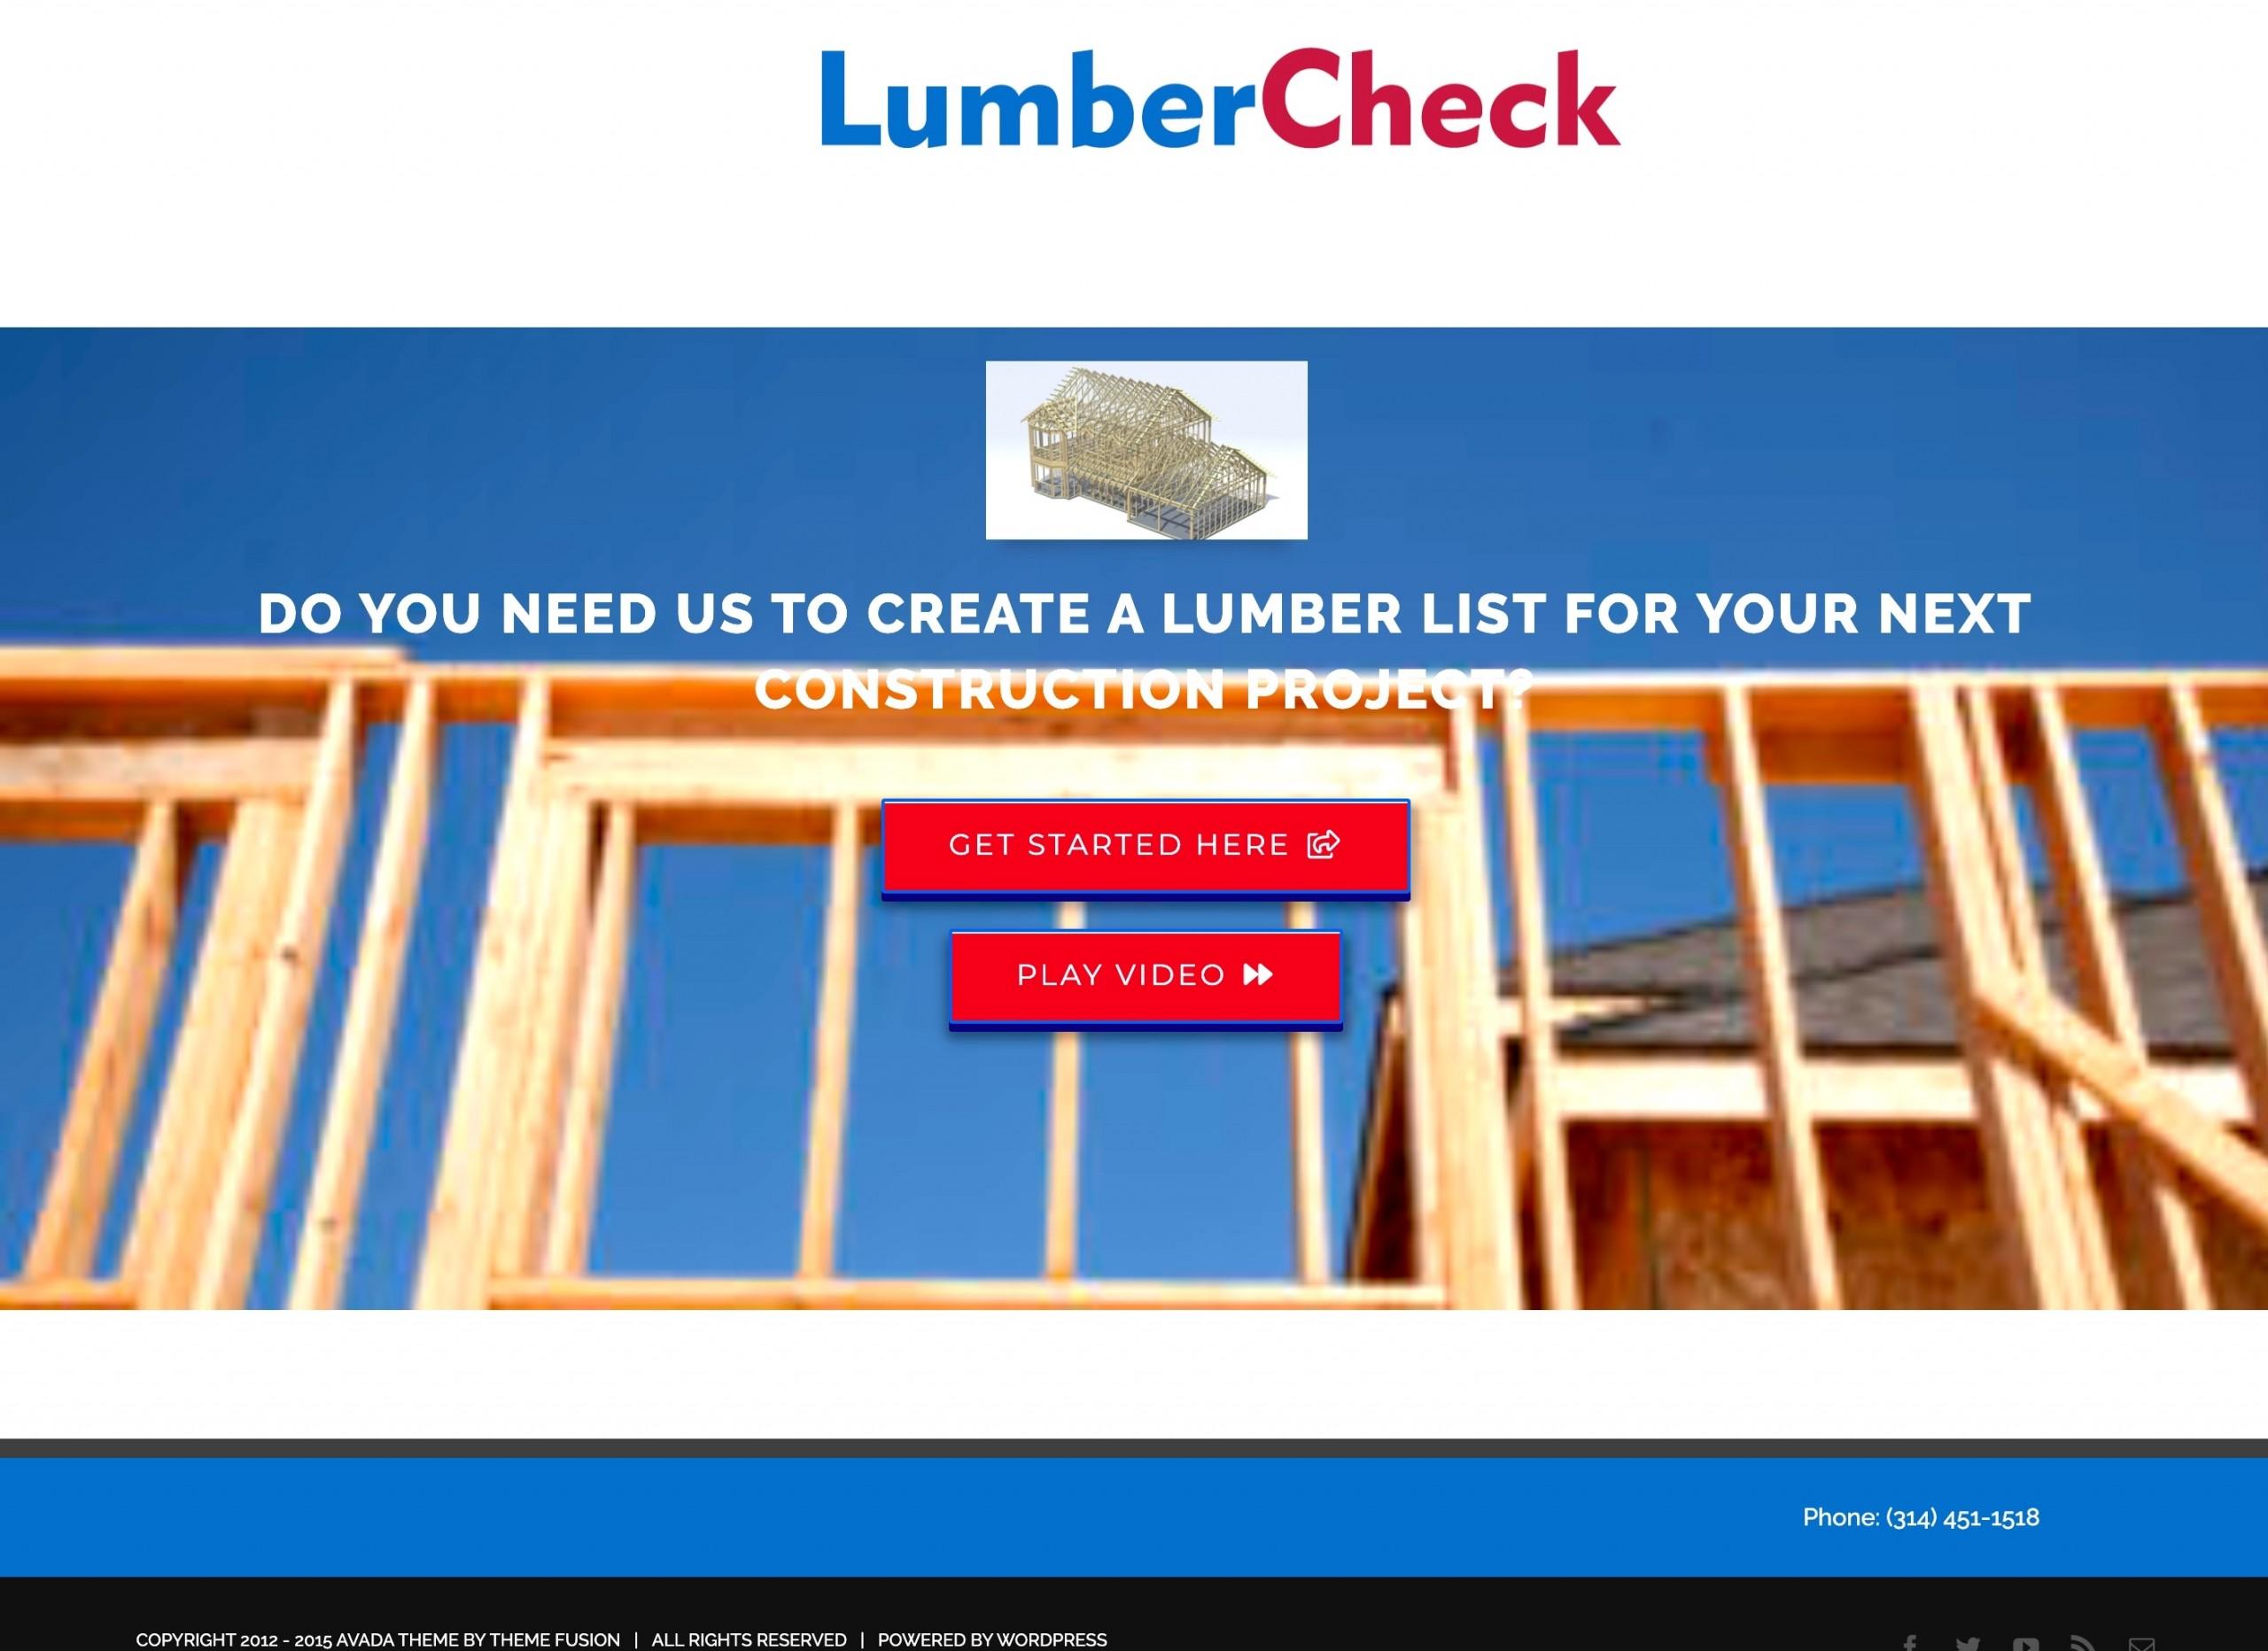 Lumbercheck